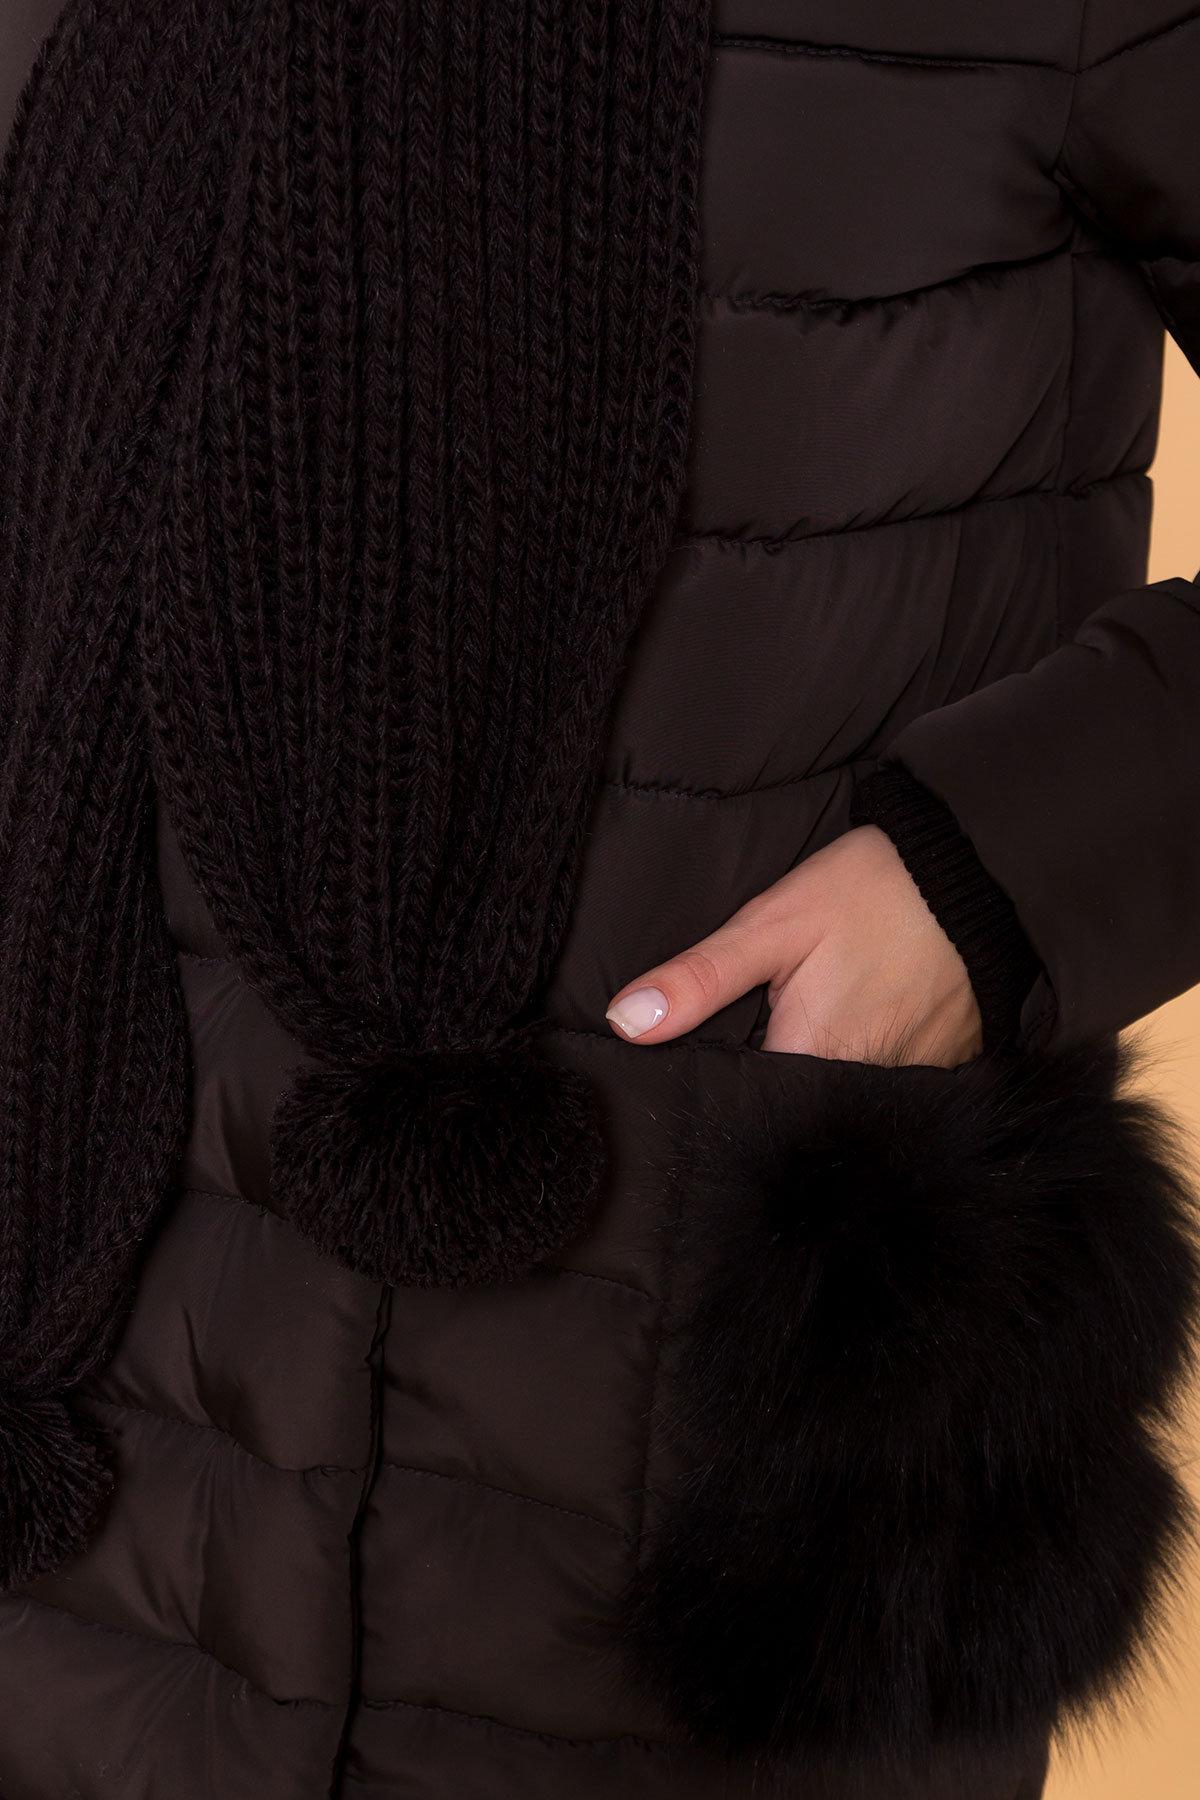 Зимний пуховик прямого кроя Лили Канада 8363 АРТ. 44551 Цвет: Черный - фото 6, интернет магазин tm-modus.ru